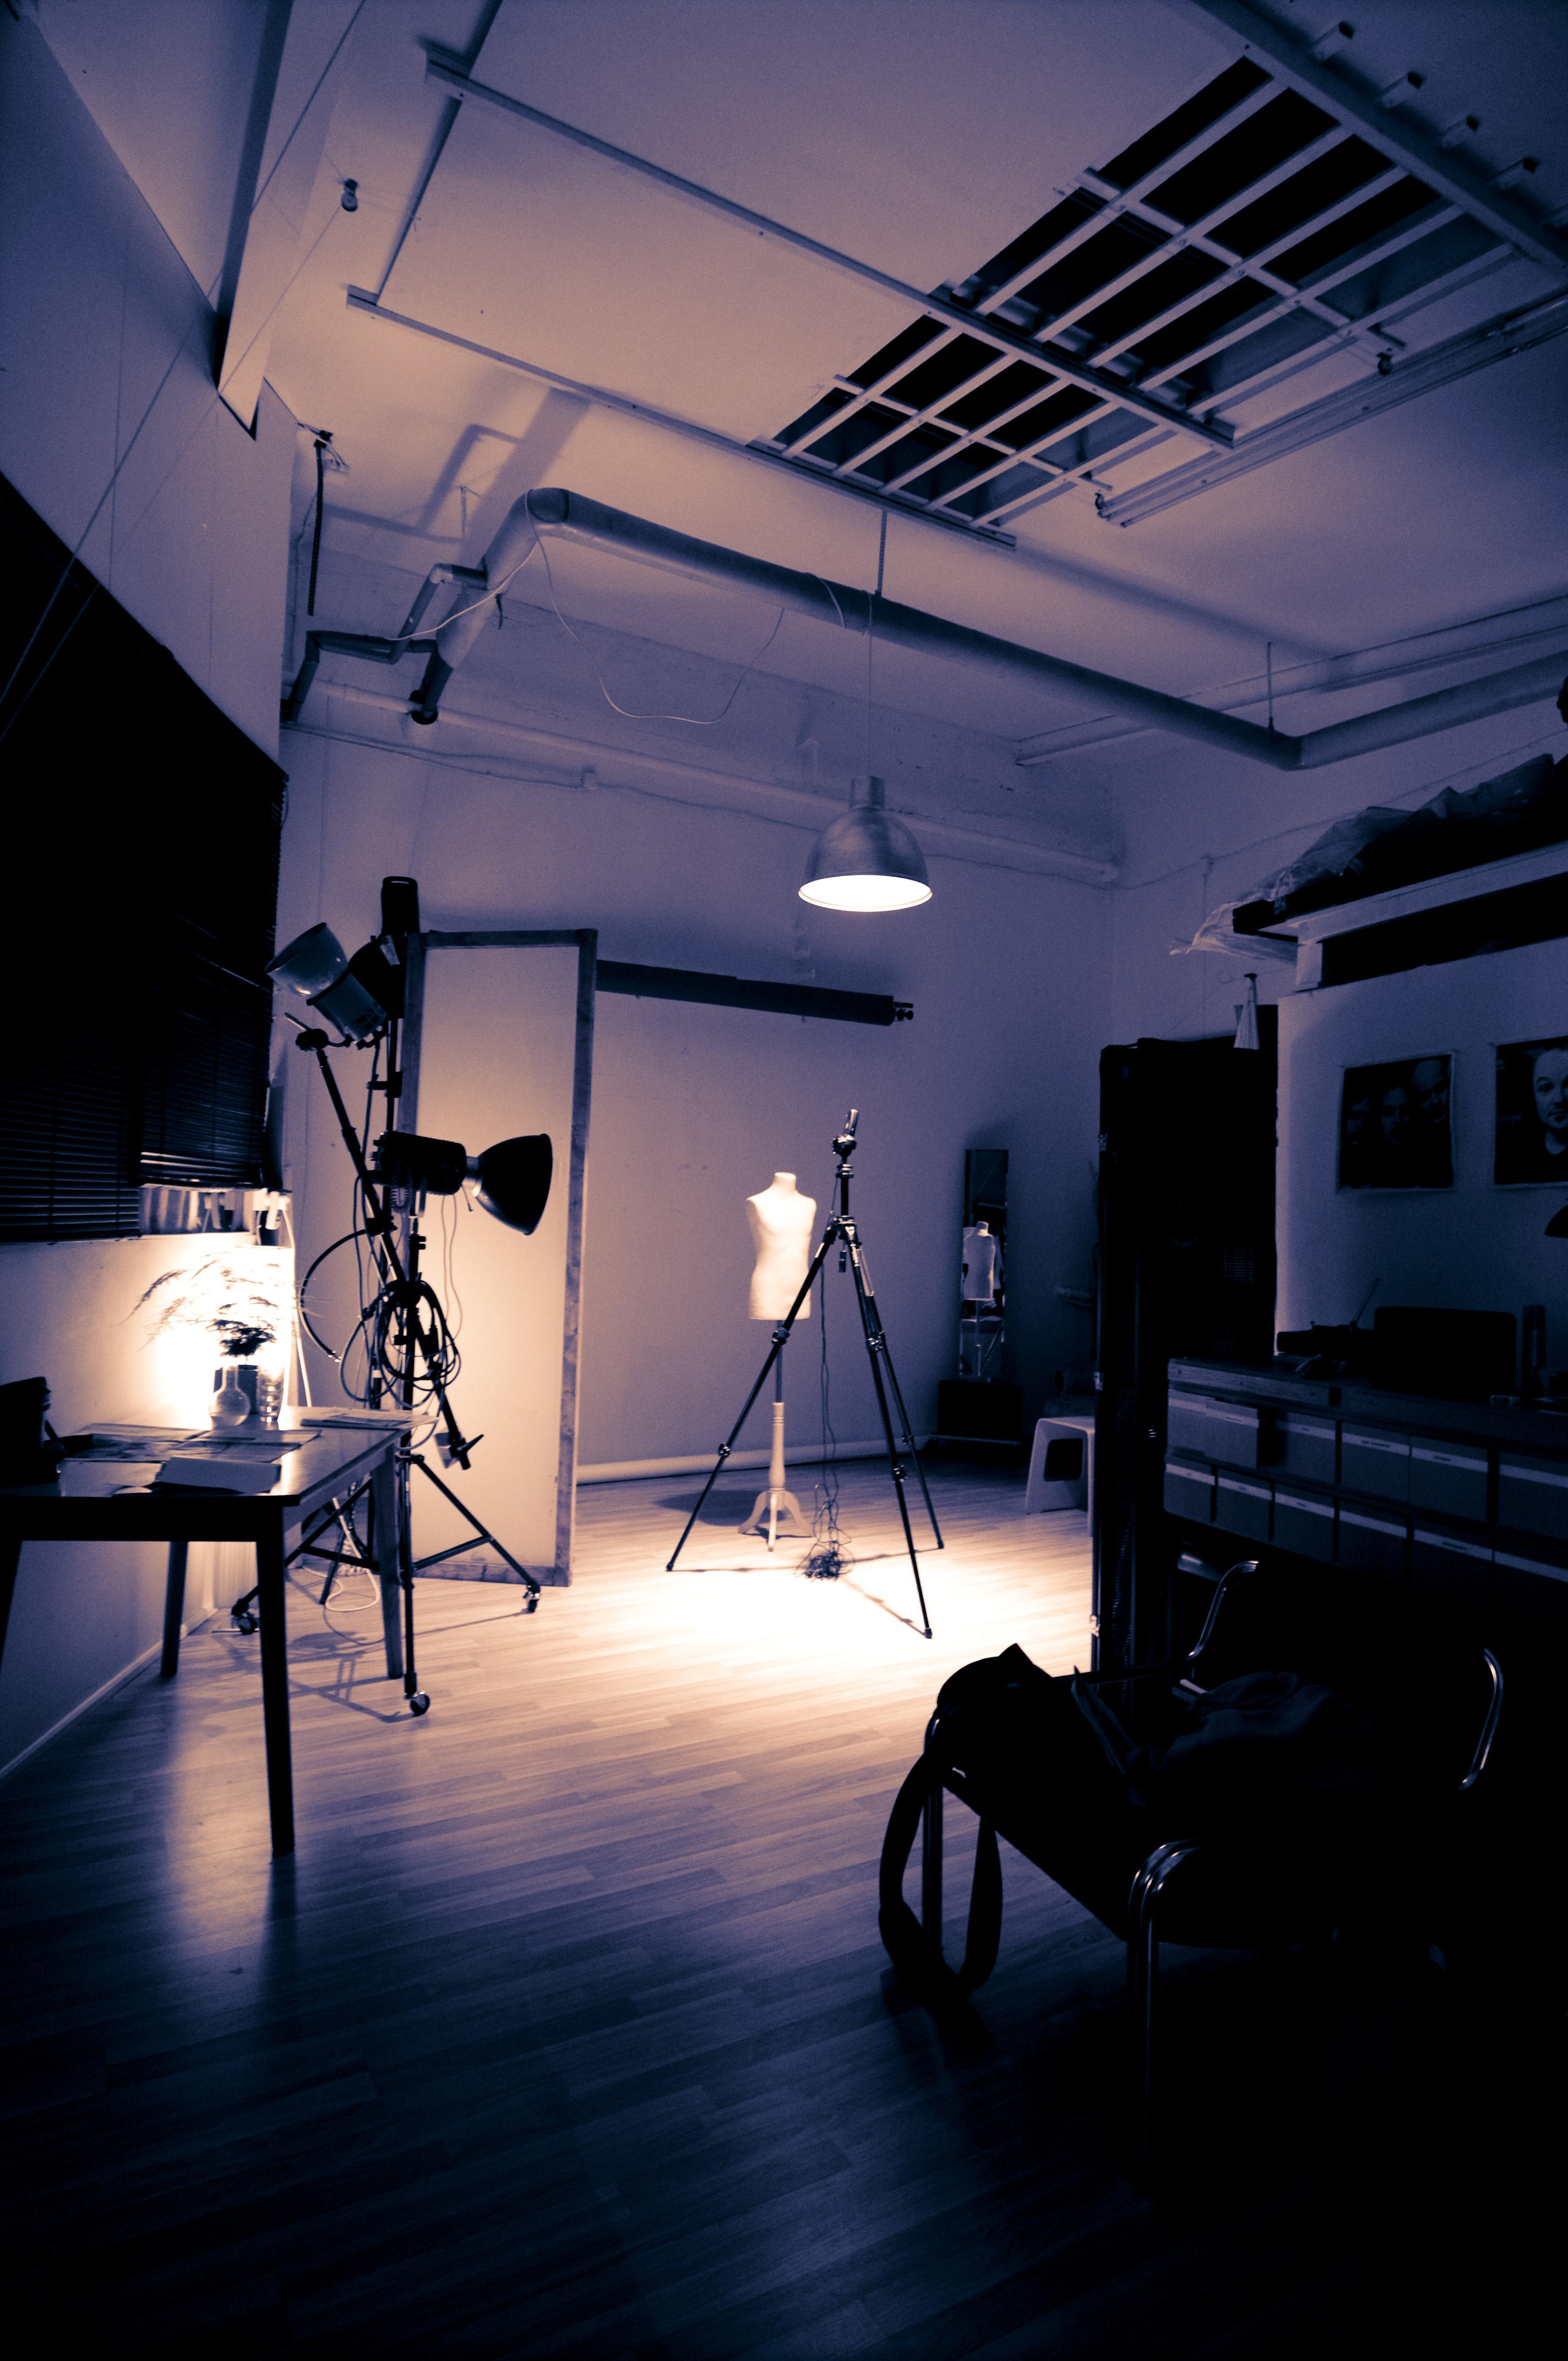 pjk-atelier peter j. kierzkowski fotograf für visuelle medien